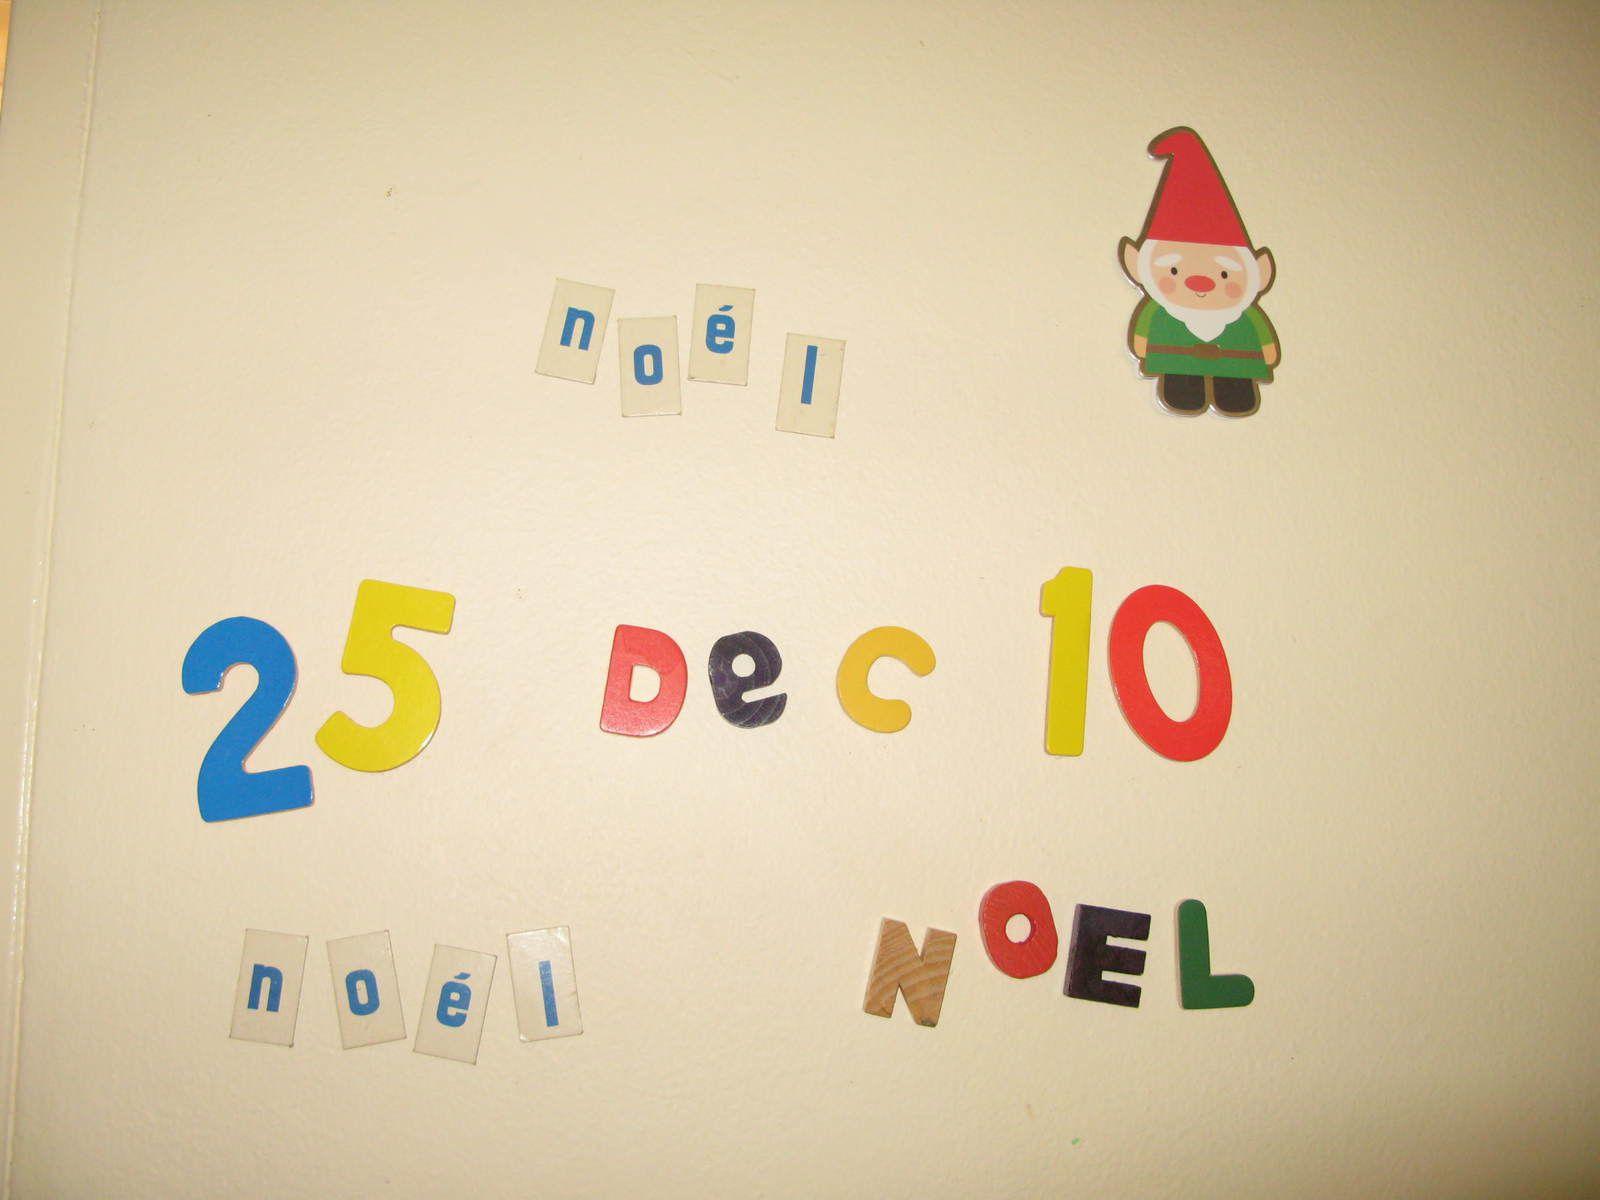 decoration de noel : couleur rouge et verte -charlotteblabla blog